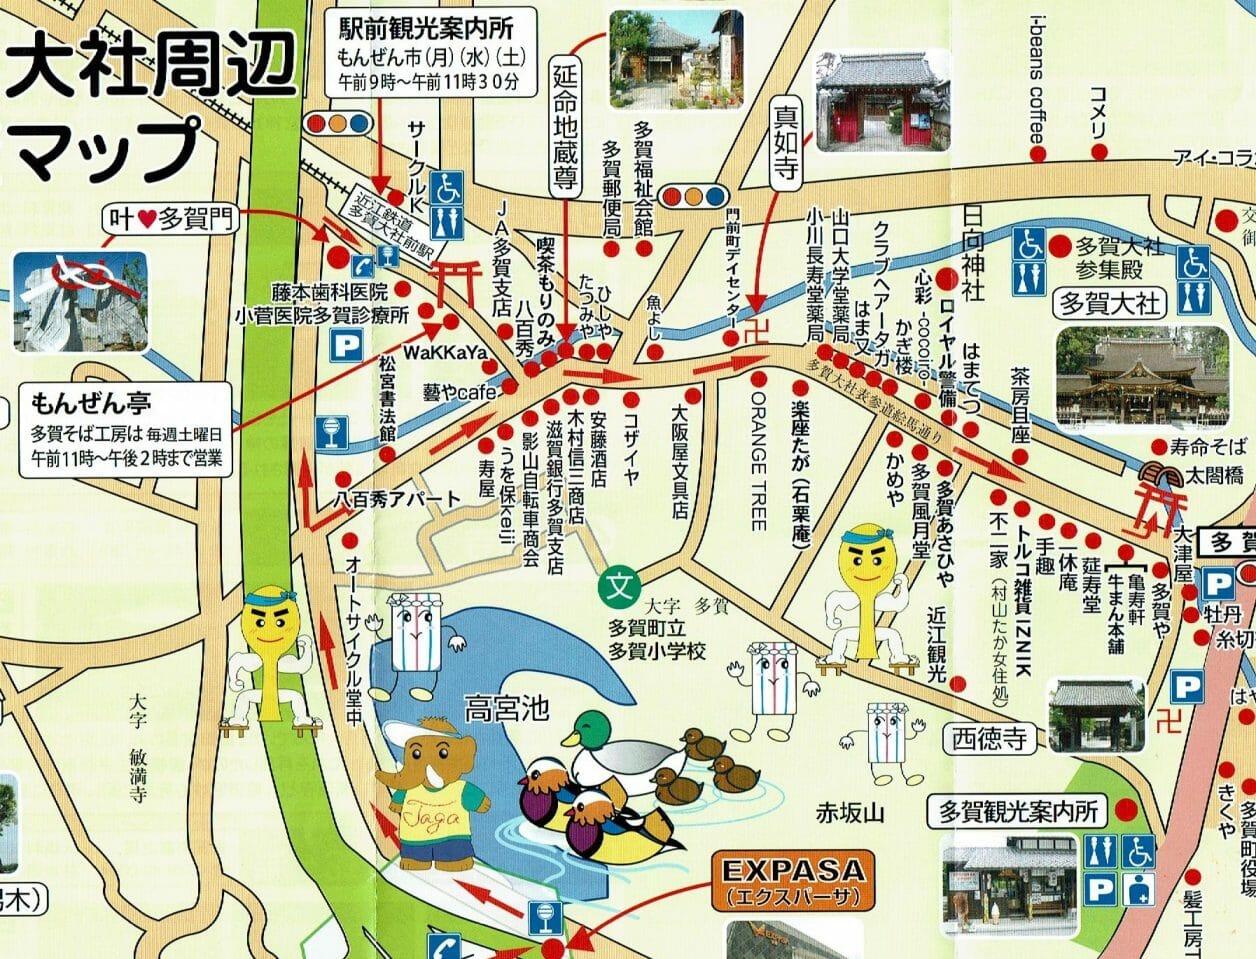 多賀大社周辺散策マップ